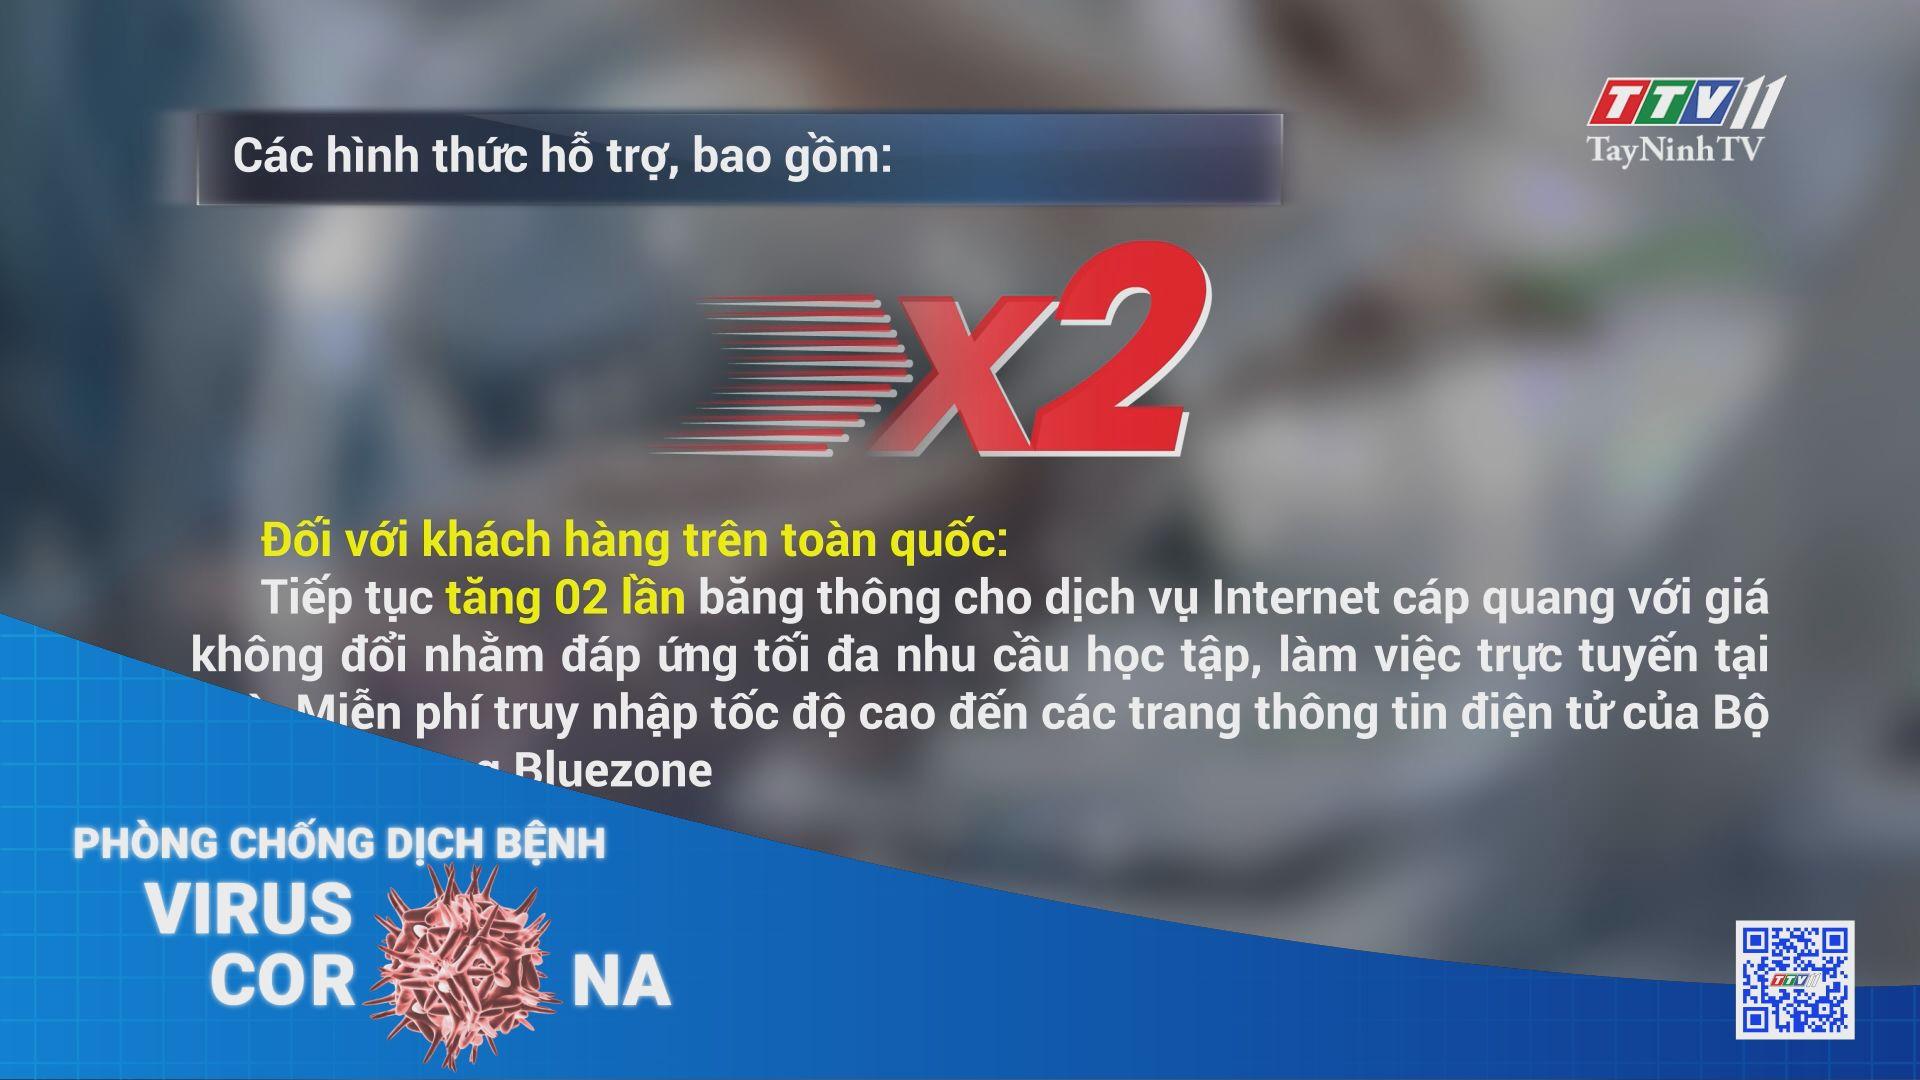 Công bố gói hỗ trợ dịch vụ viễn thông gần 10.000 tỷ đồng | THÔNG TIN DỊCH COVID-19 | TayNinhTV